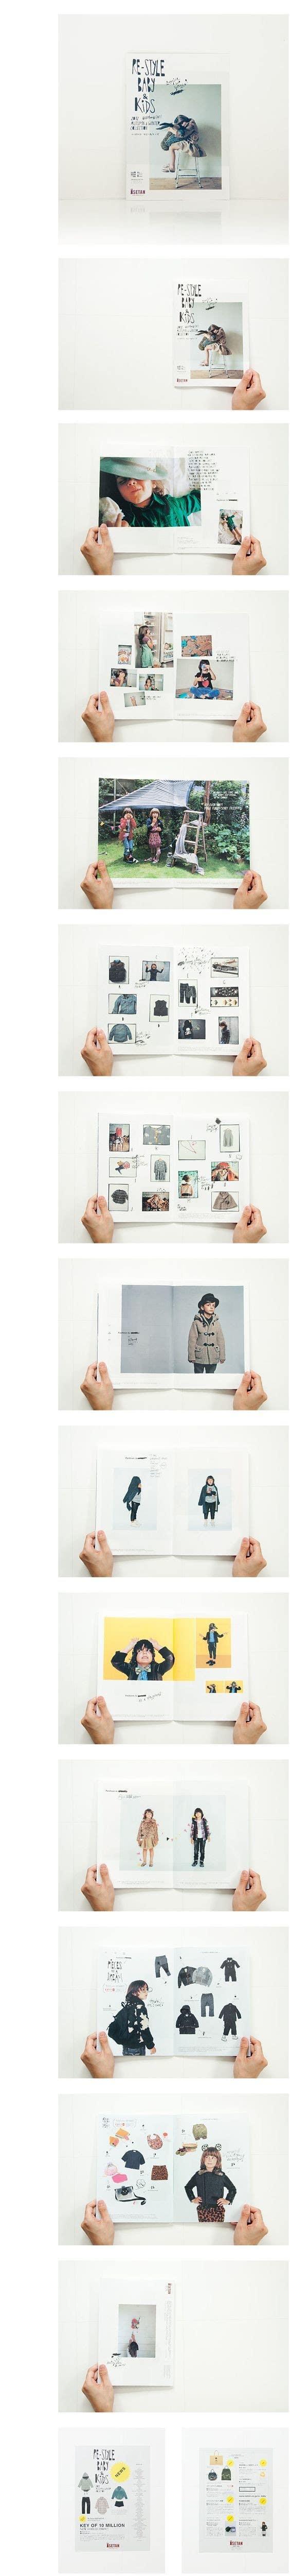 Proposition n°3 du concours Create a modern print publication